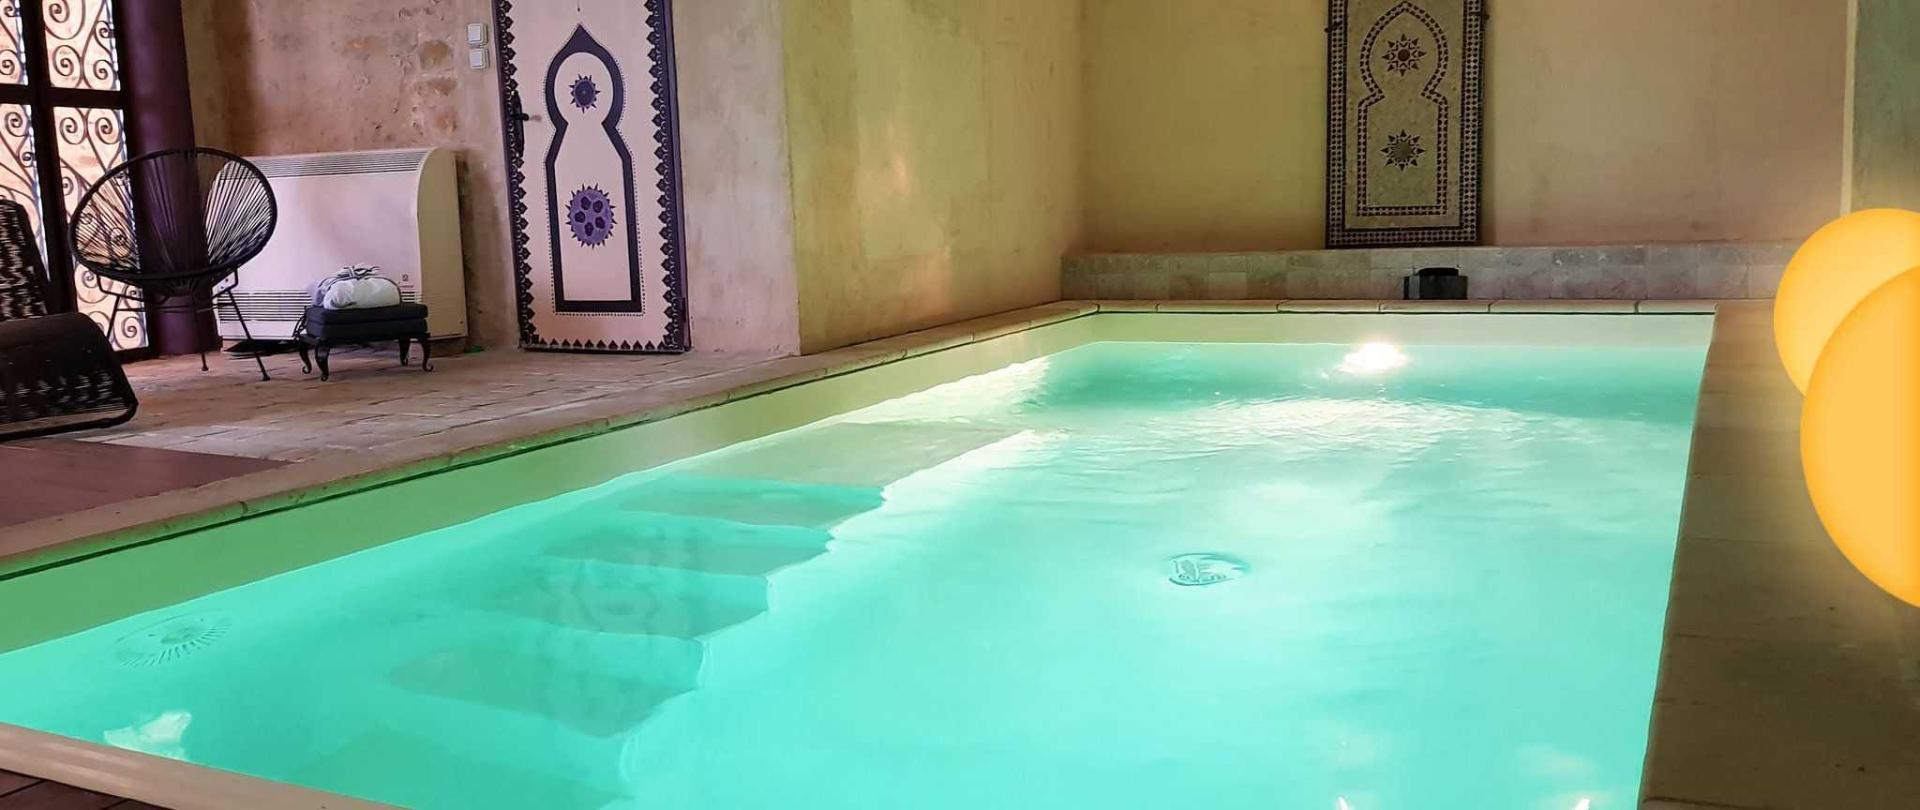 lcda_piscineinterieureluxe02-4.jpg